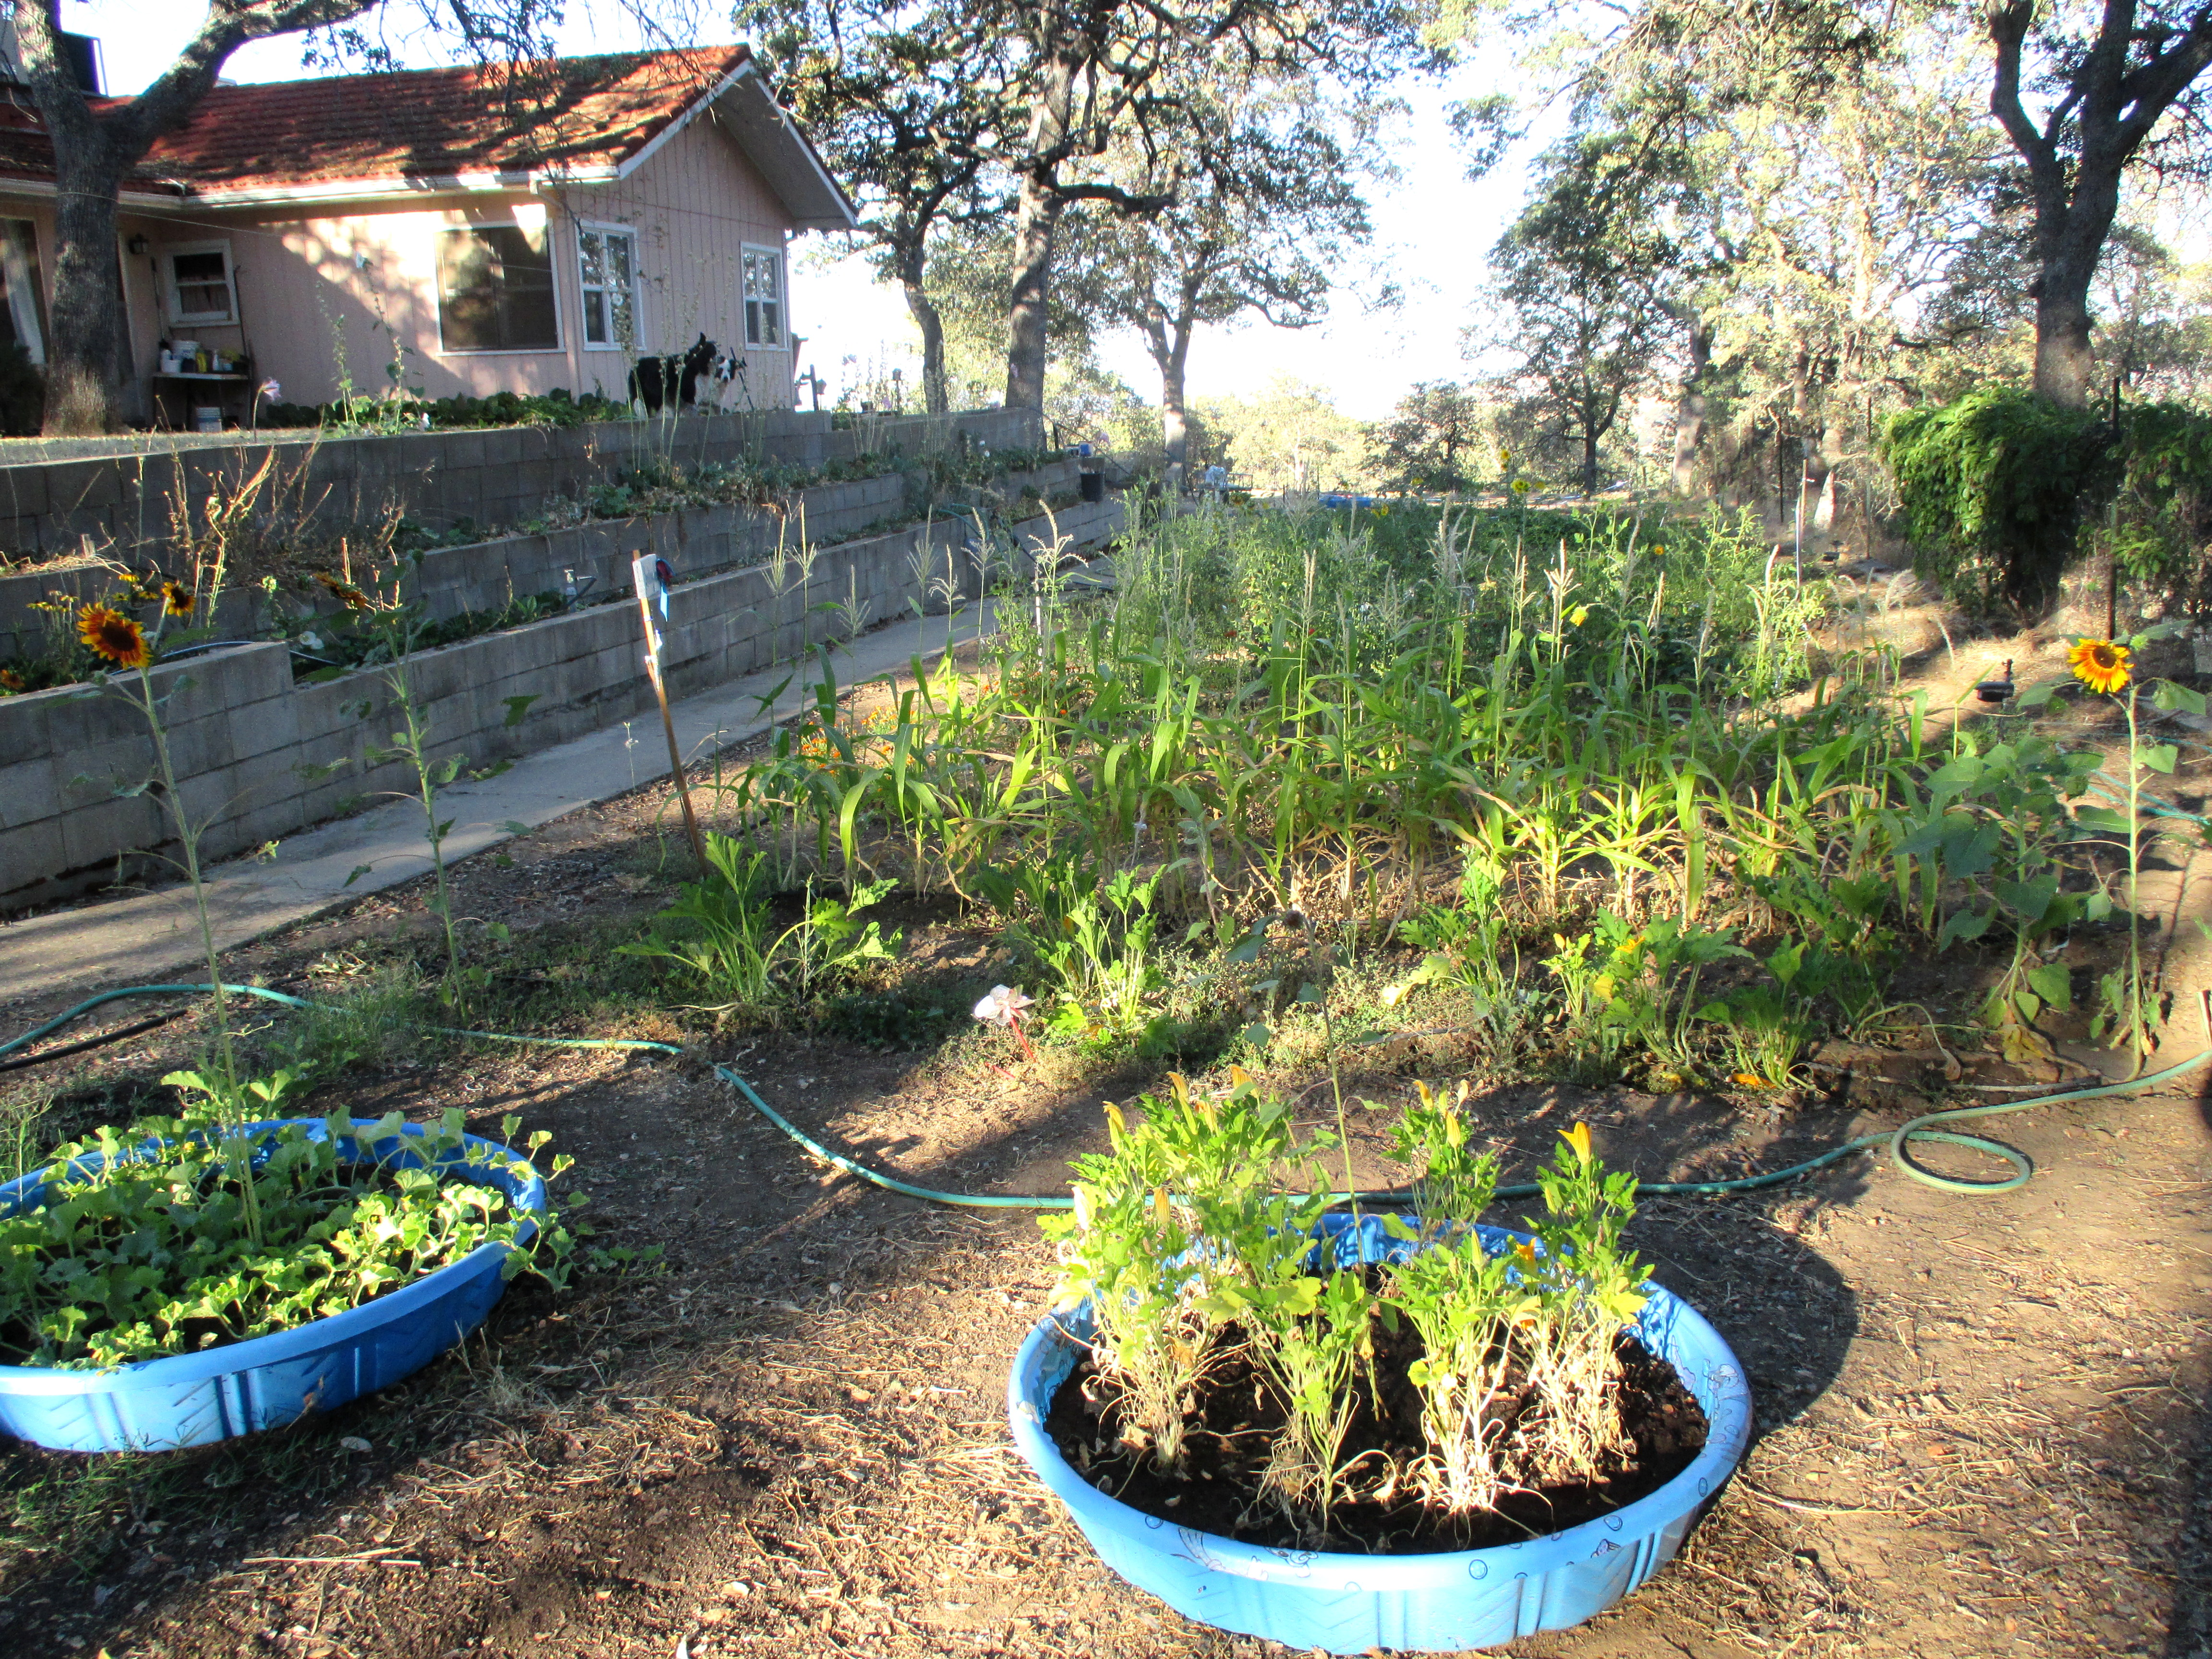 Our garden, August 2013